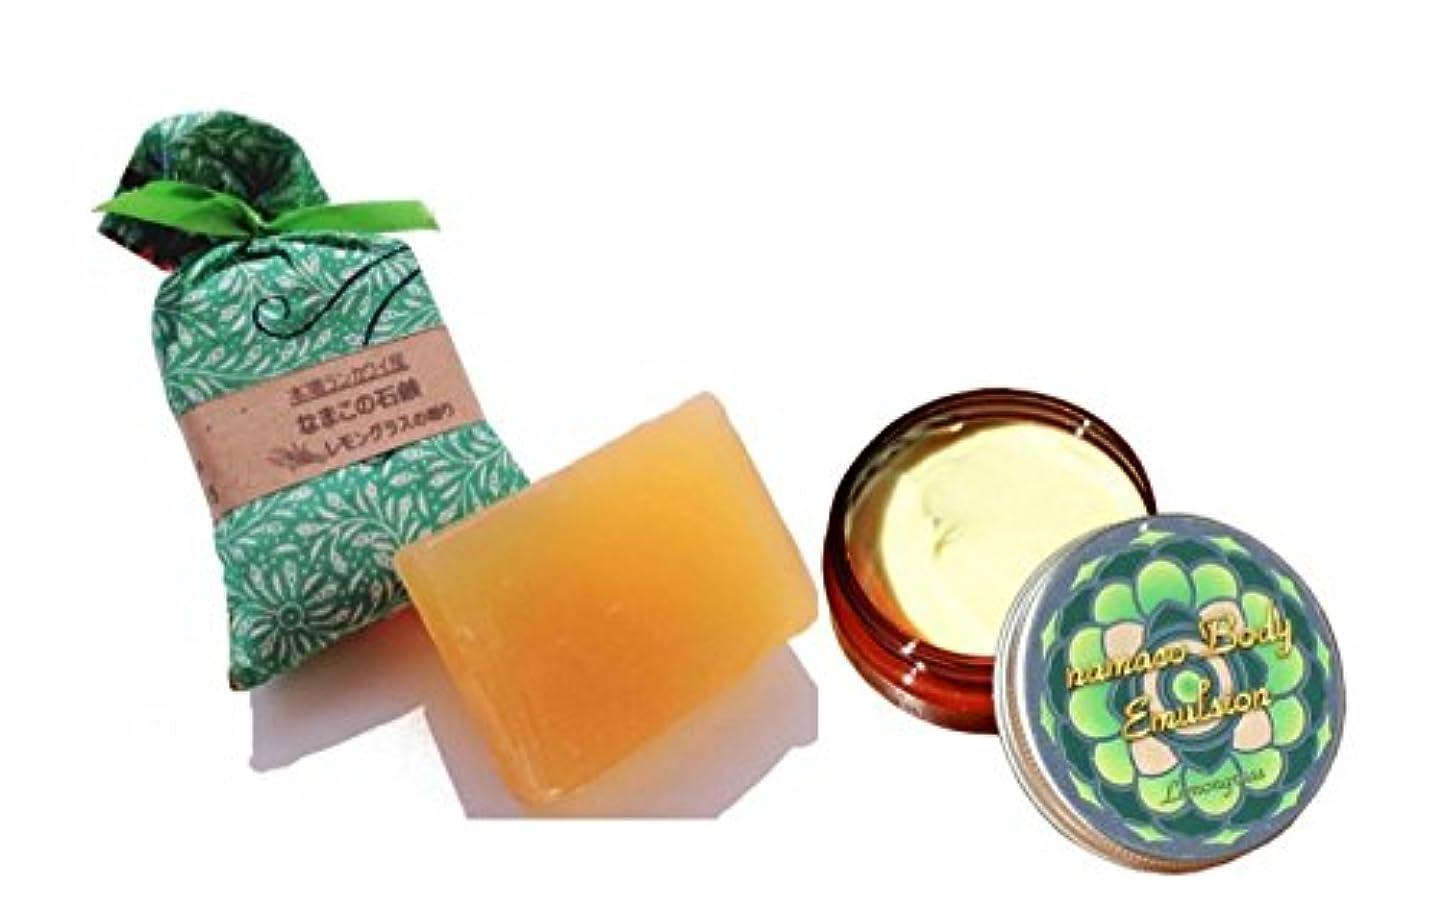 銀行葬儀自分なまこレモングラスセット なまこ石鹸90g+なまこBODYエマルジョン50g(なまこクリーム)